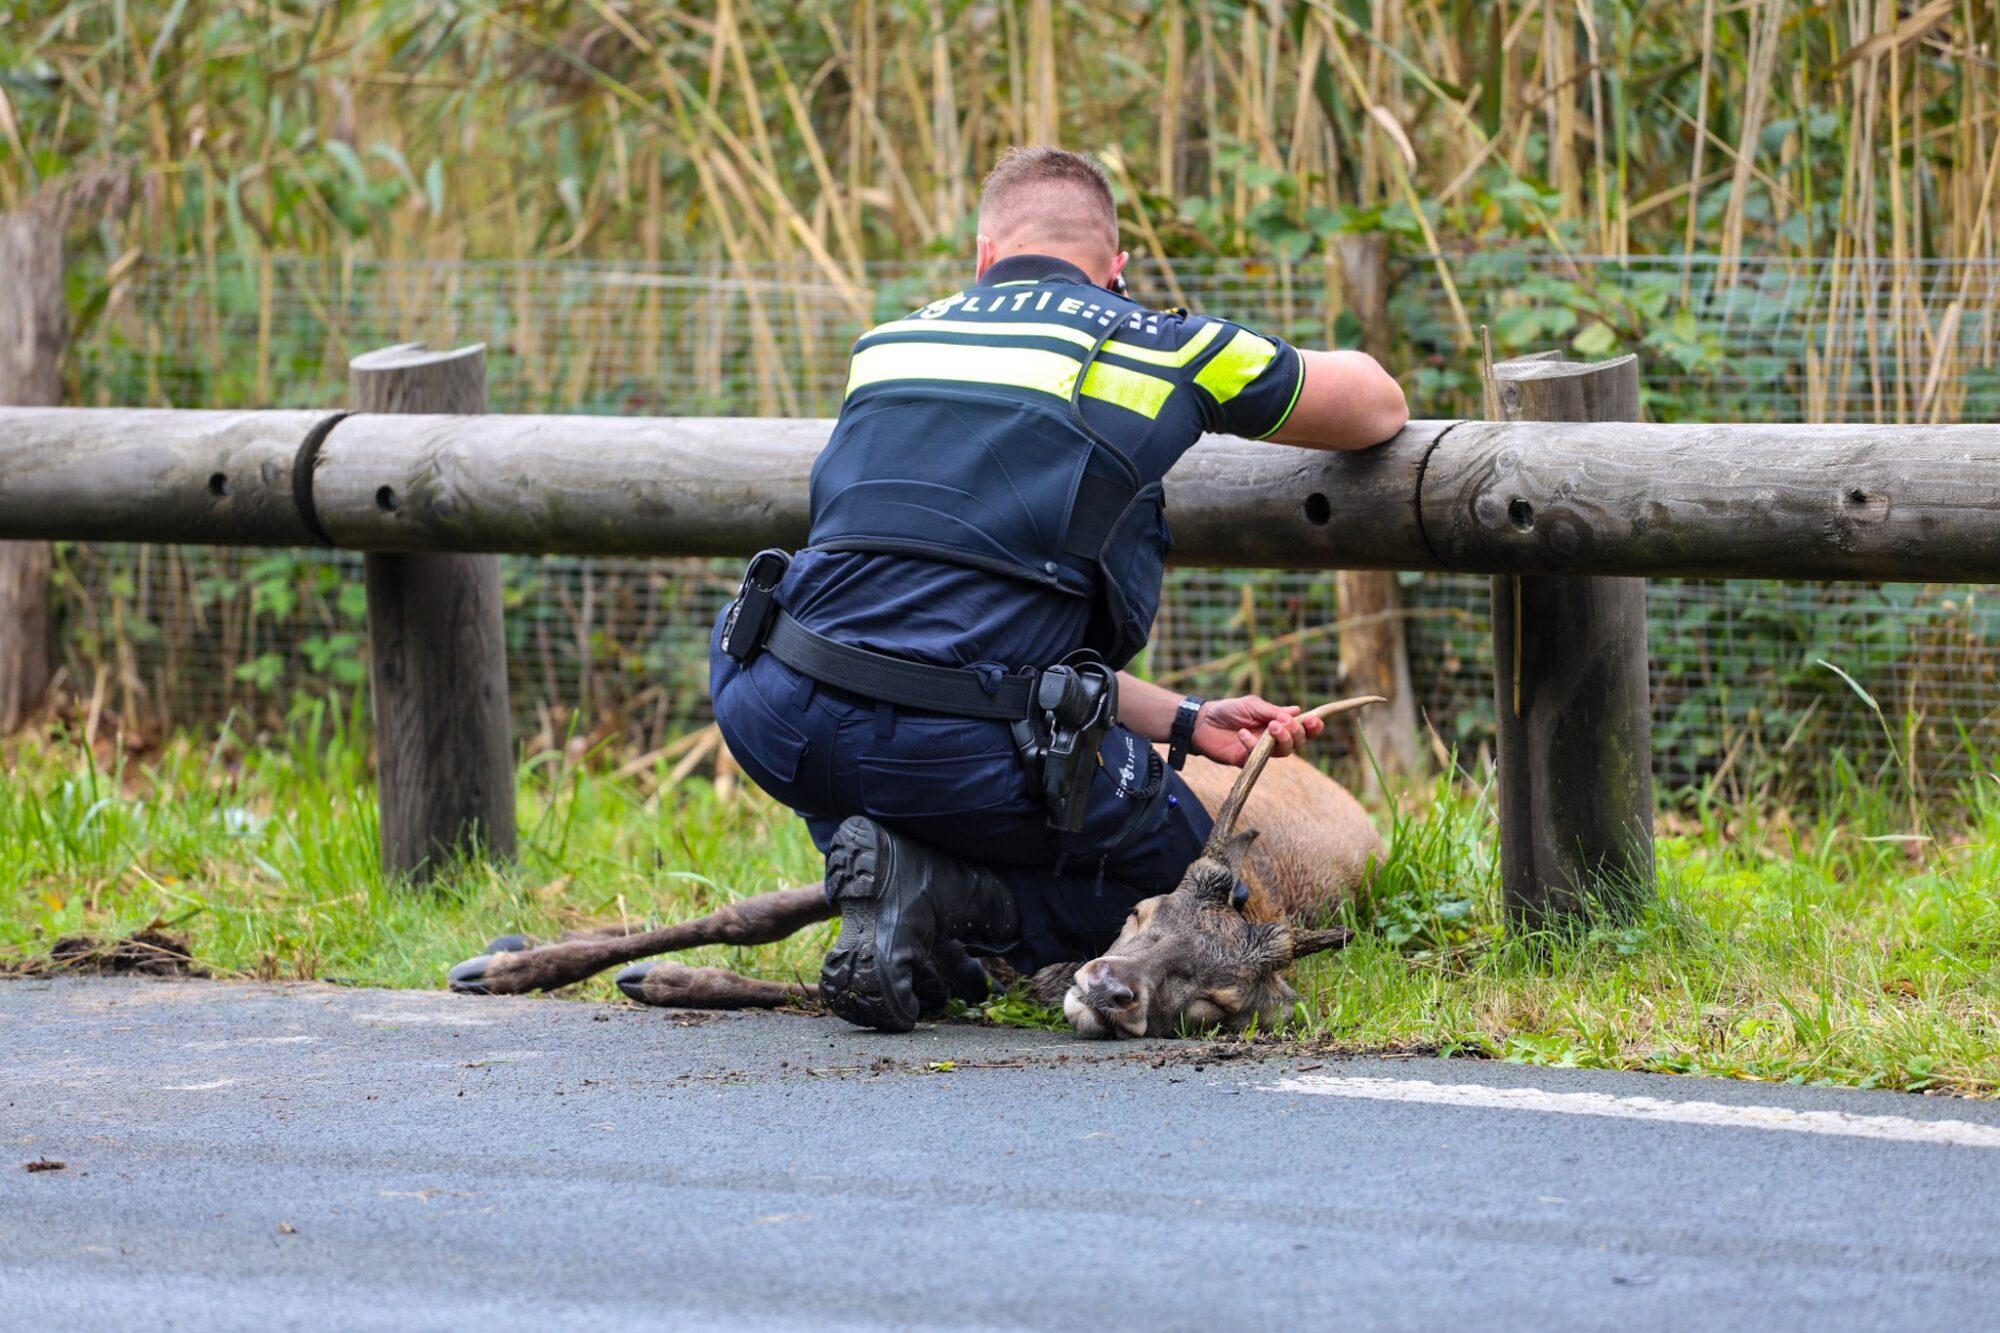 Hert overleden bij aanrijding, bestuurder auto gewond